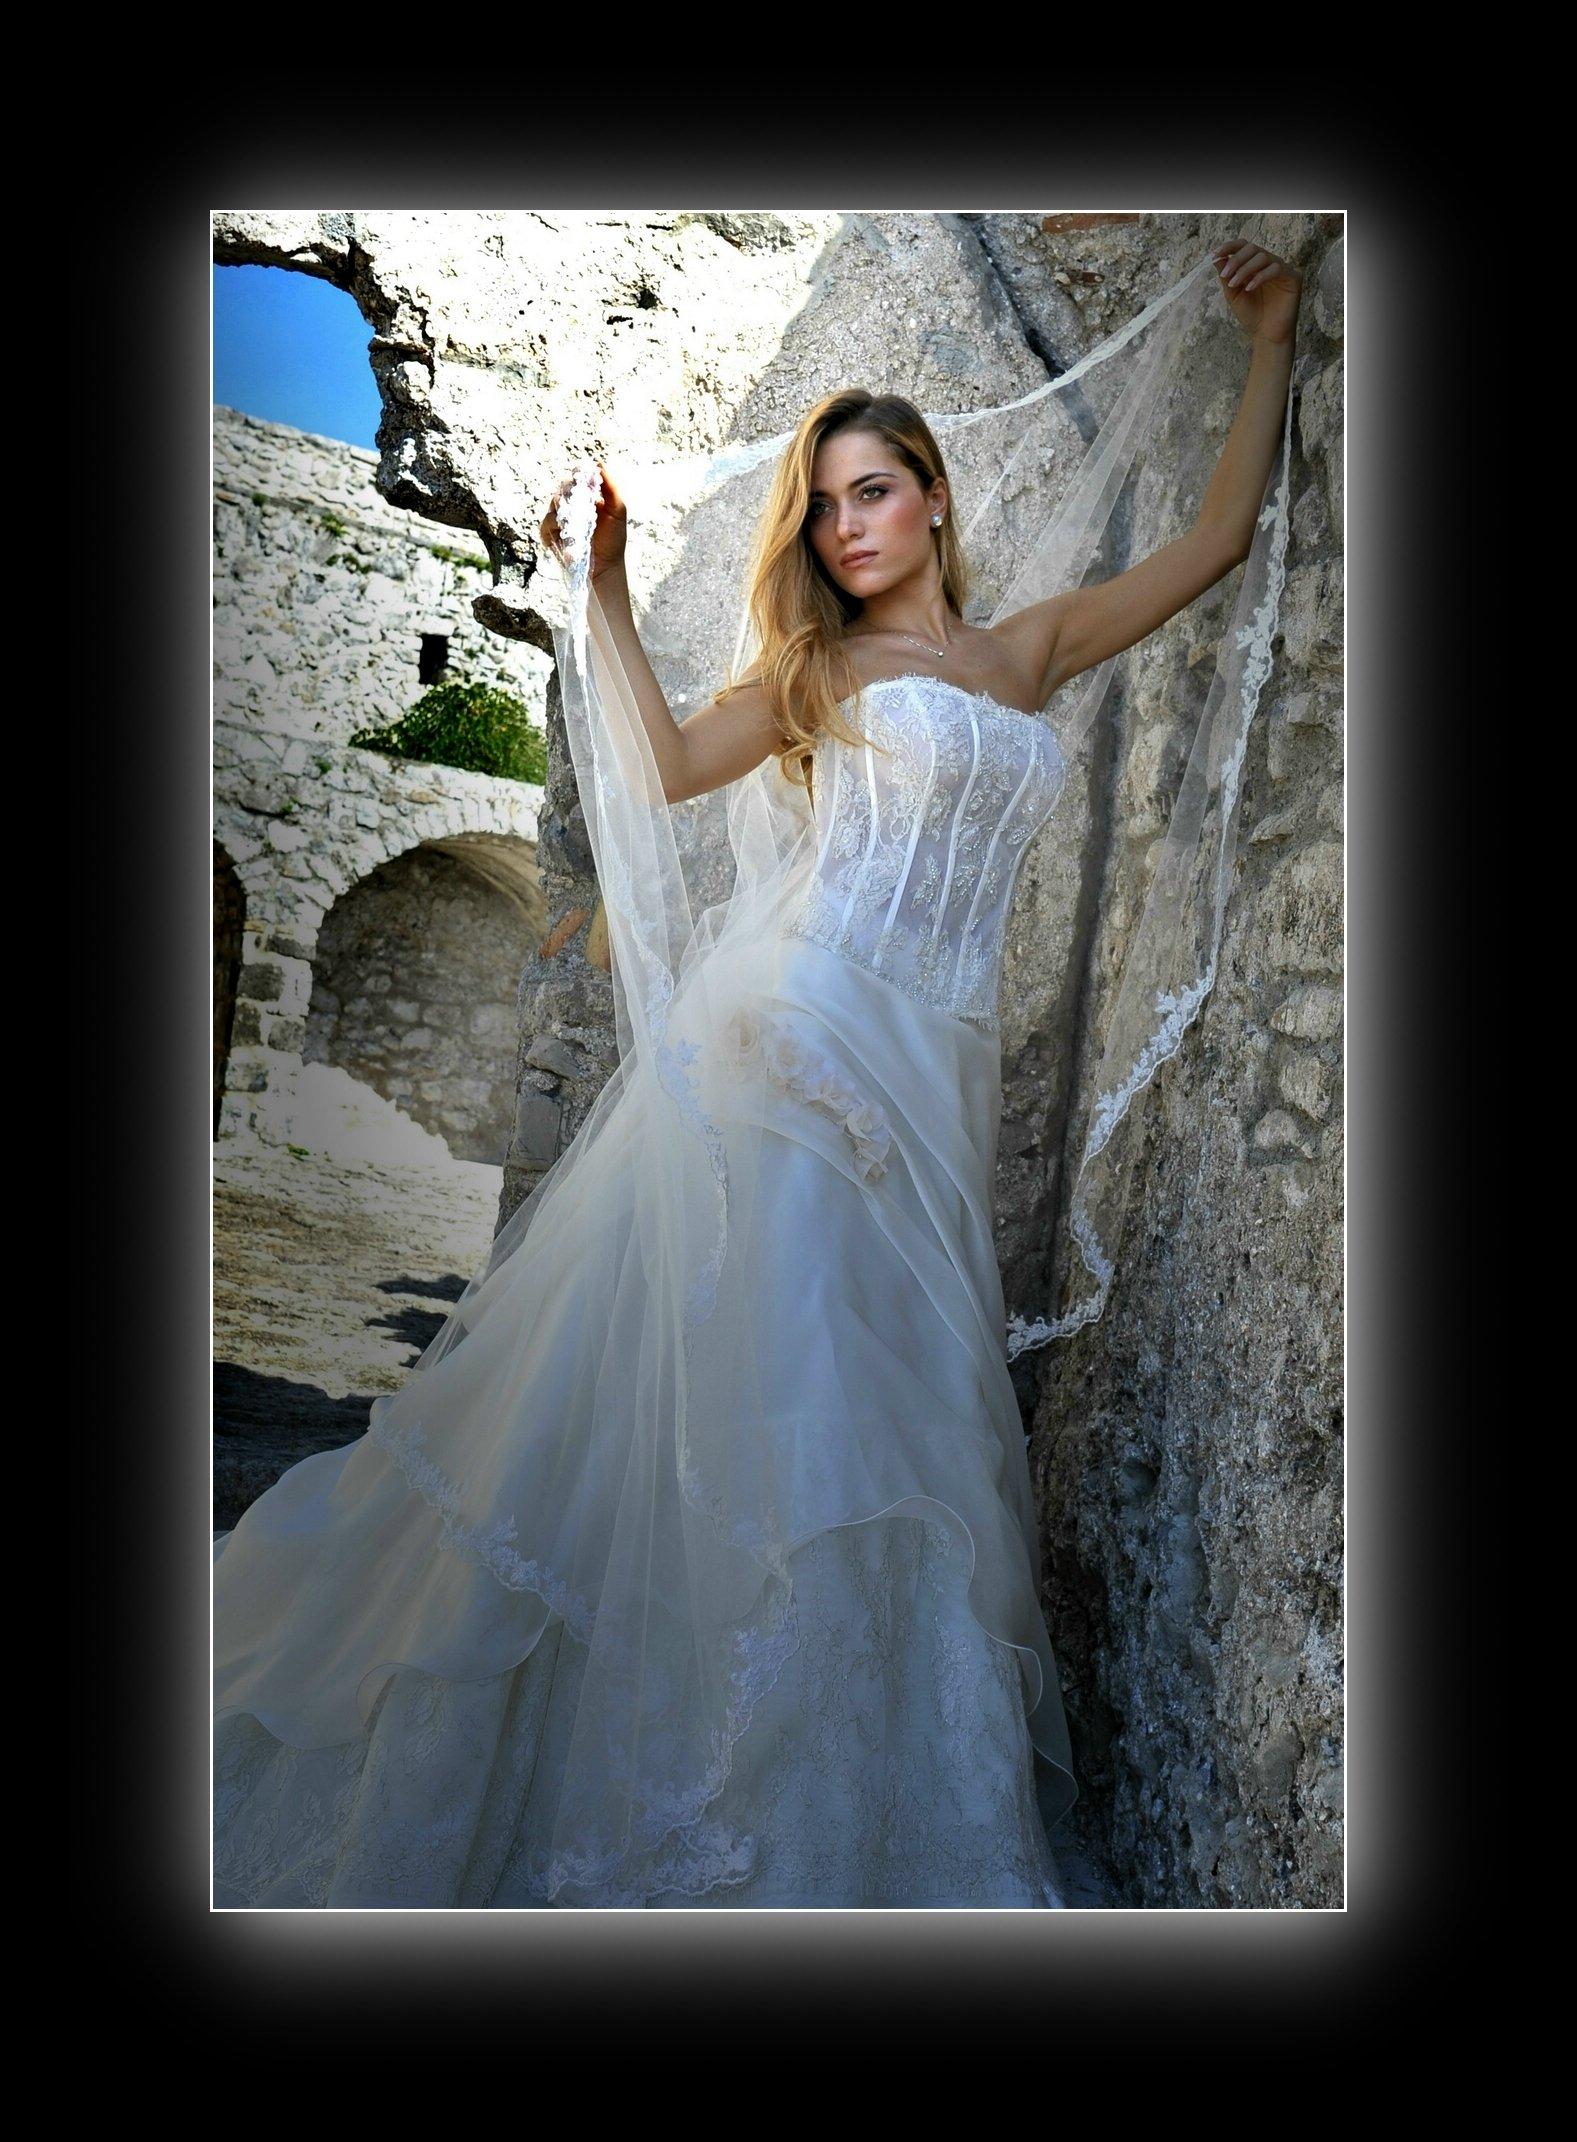 ragazza vestita da sposa in posa